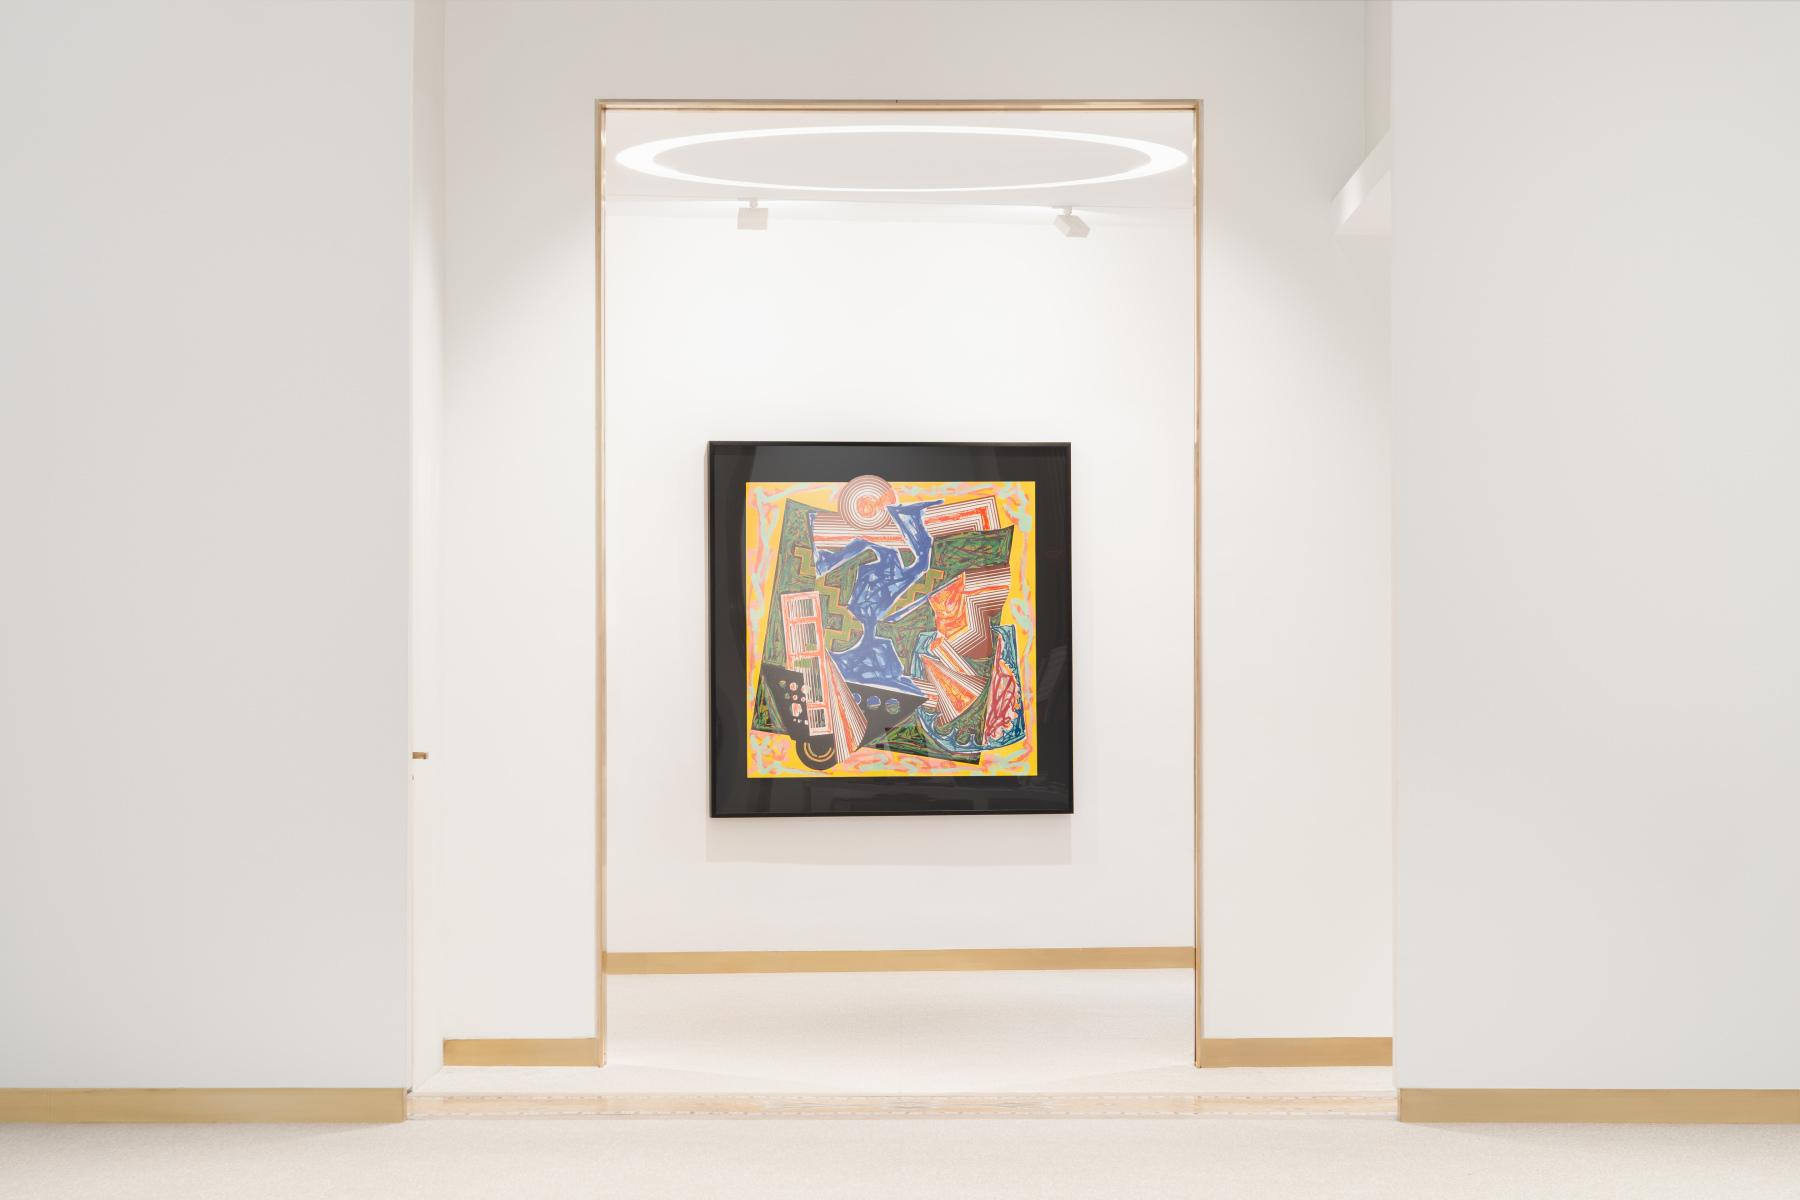 Exhibition View Frank Stella #8